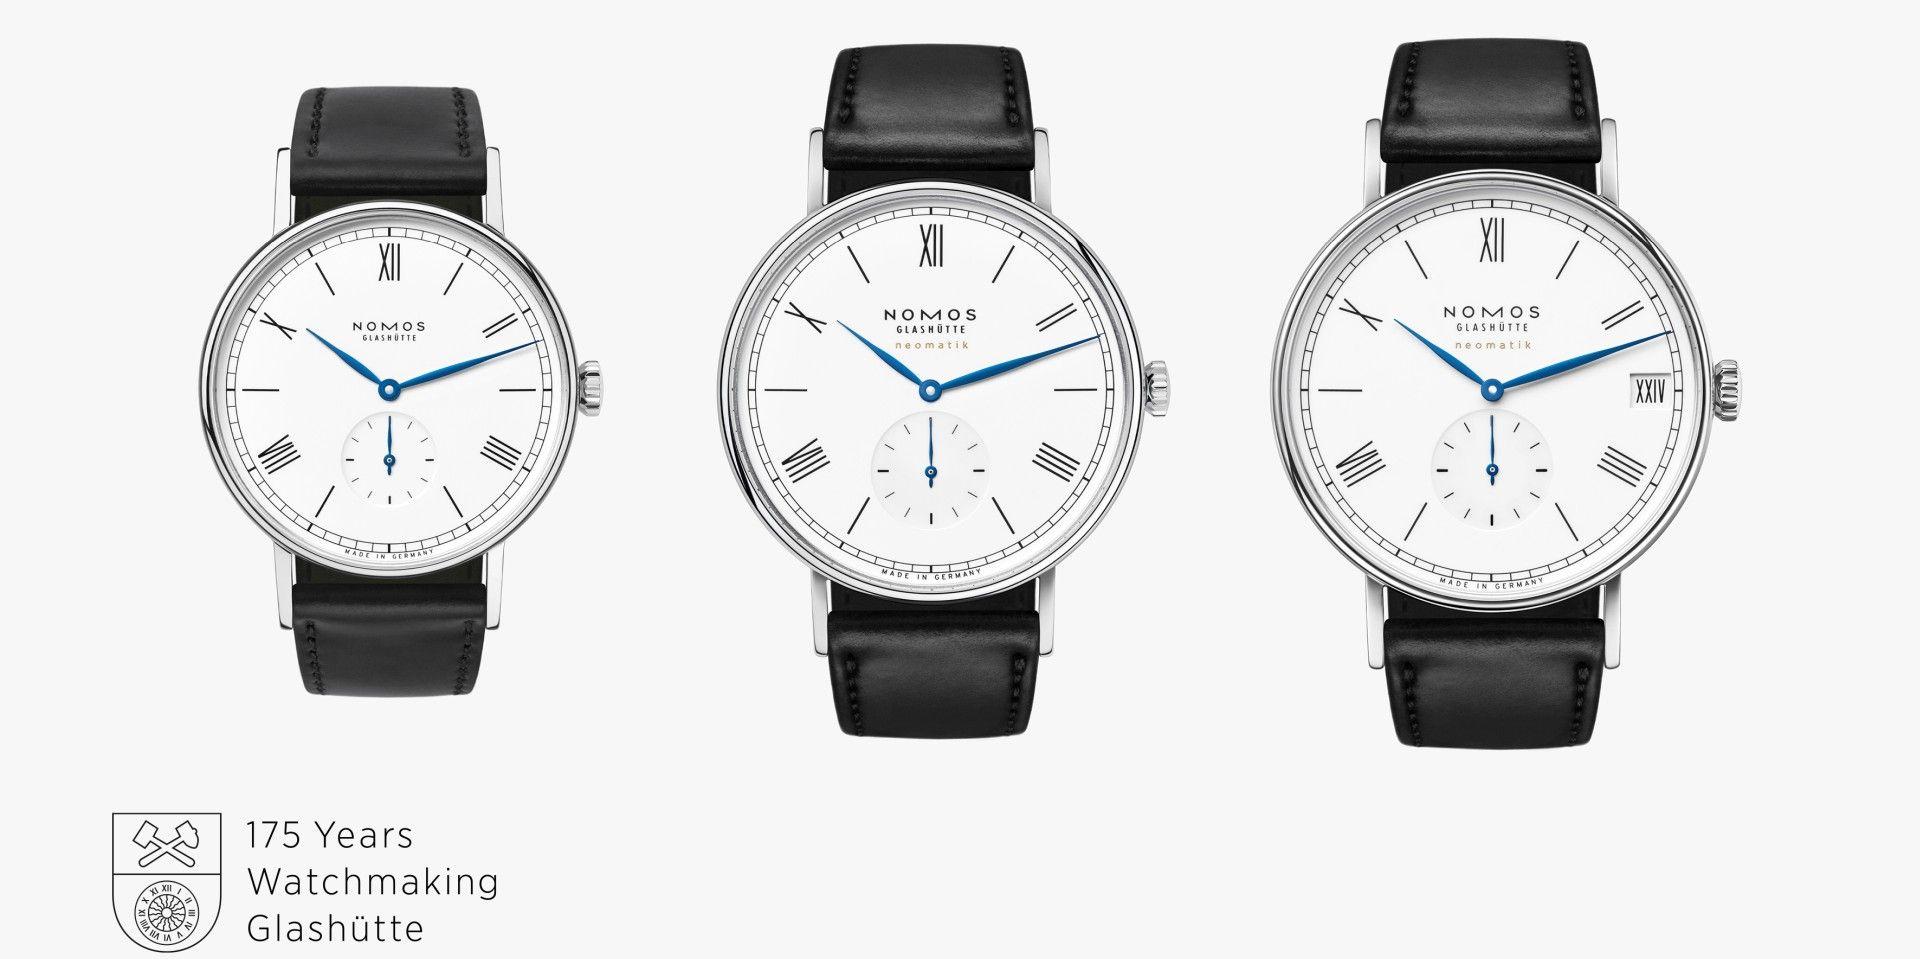 【2020線上錶展】慶祝格拉蘇蒂製錶175 週年,NOMOS推出Ludwig手上鍊、Ludwig neomatik 39 和Ludwig neomatik 41 date等三款限量紀念錶